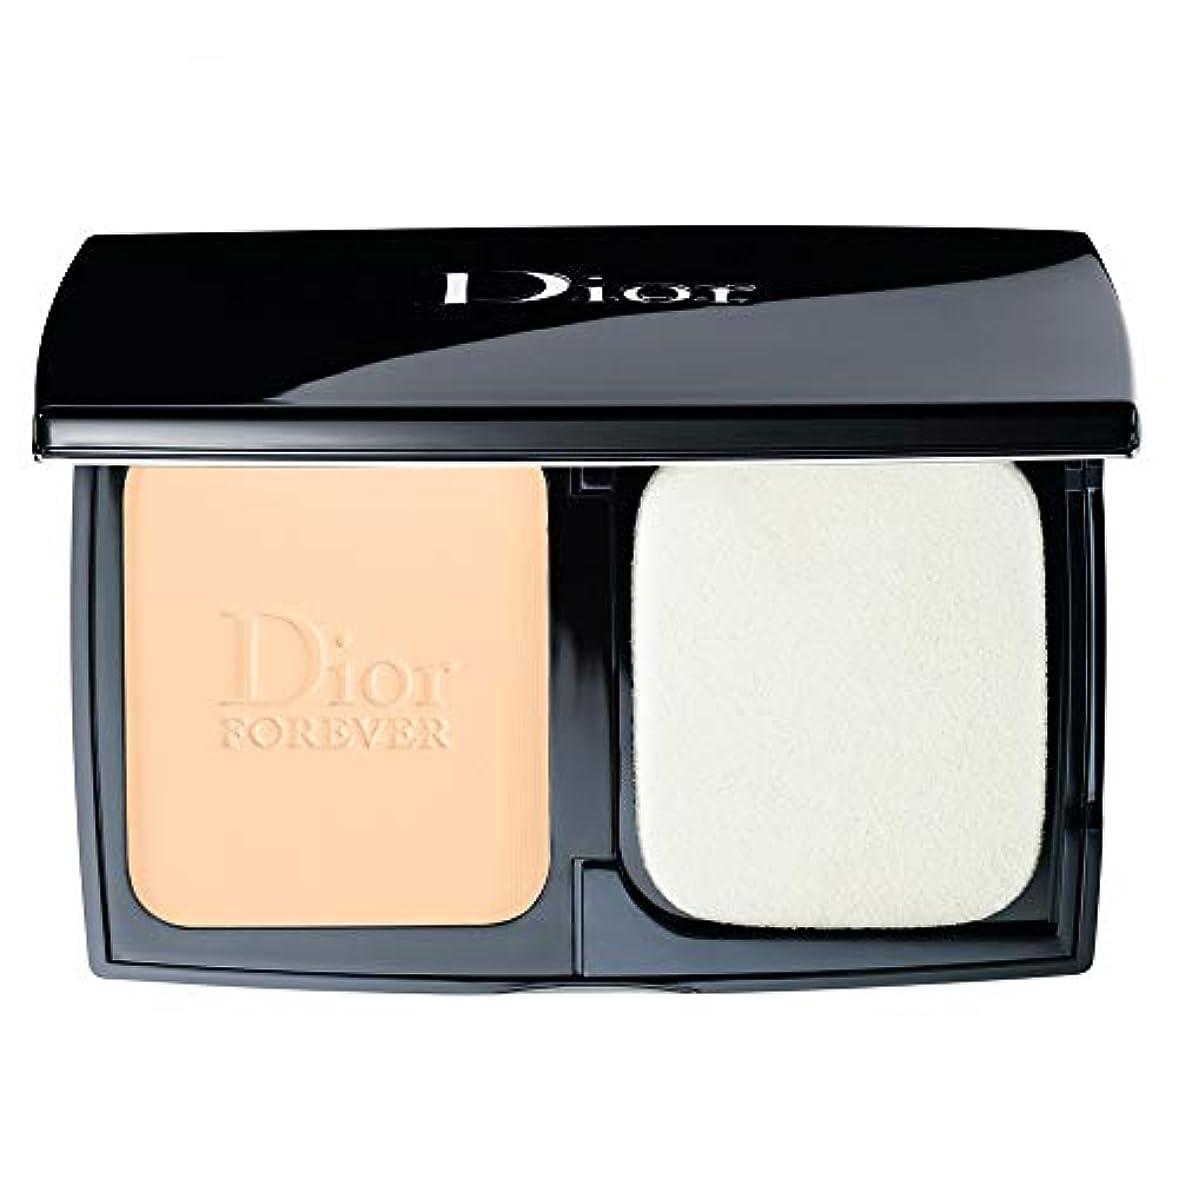 悲しい鍔深いクリスチャンディオール Diorskin Forever Extreme Control Perfect Matte Powder Makeup SPF 20 - # 010 Ivory 9g/0.31oz並行輸入品